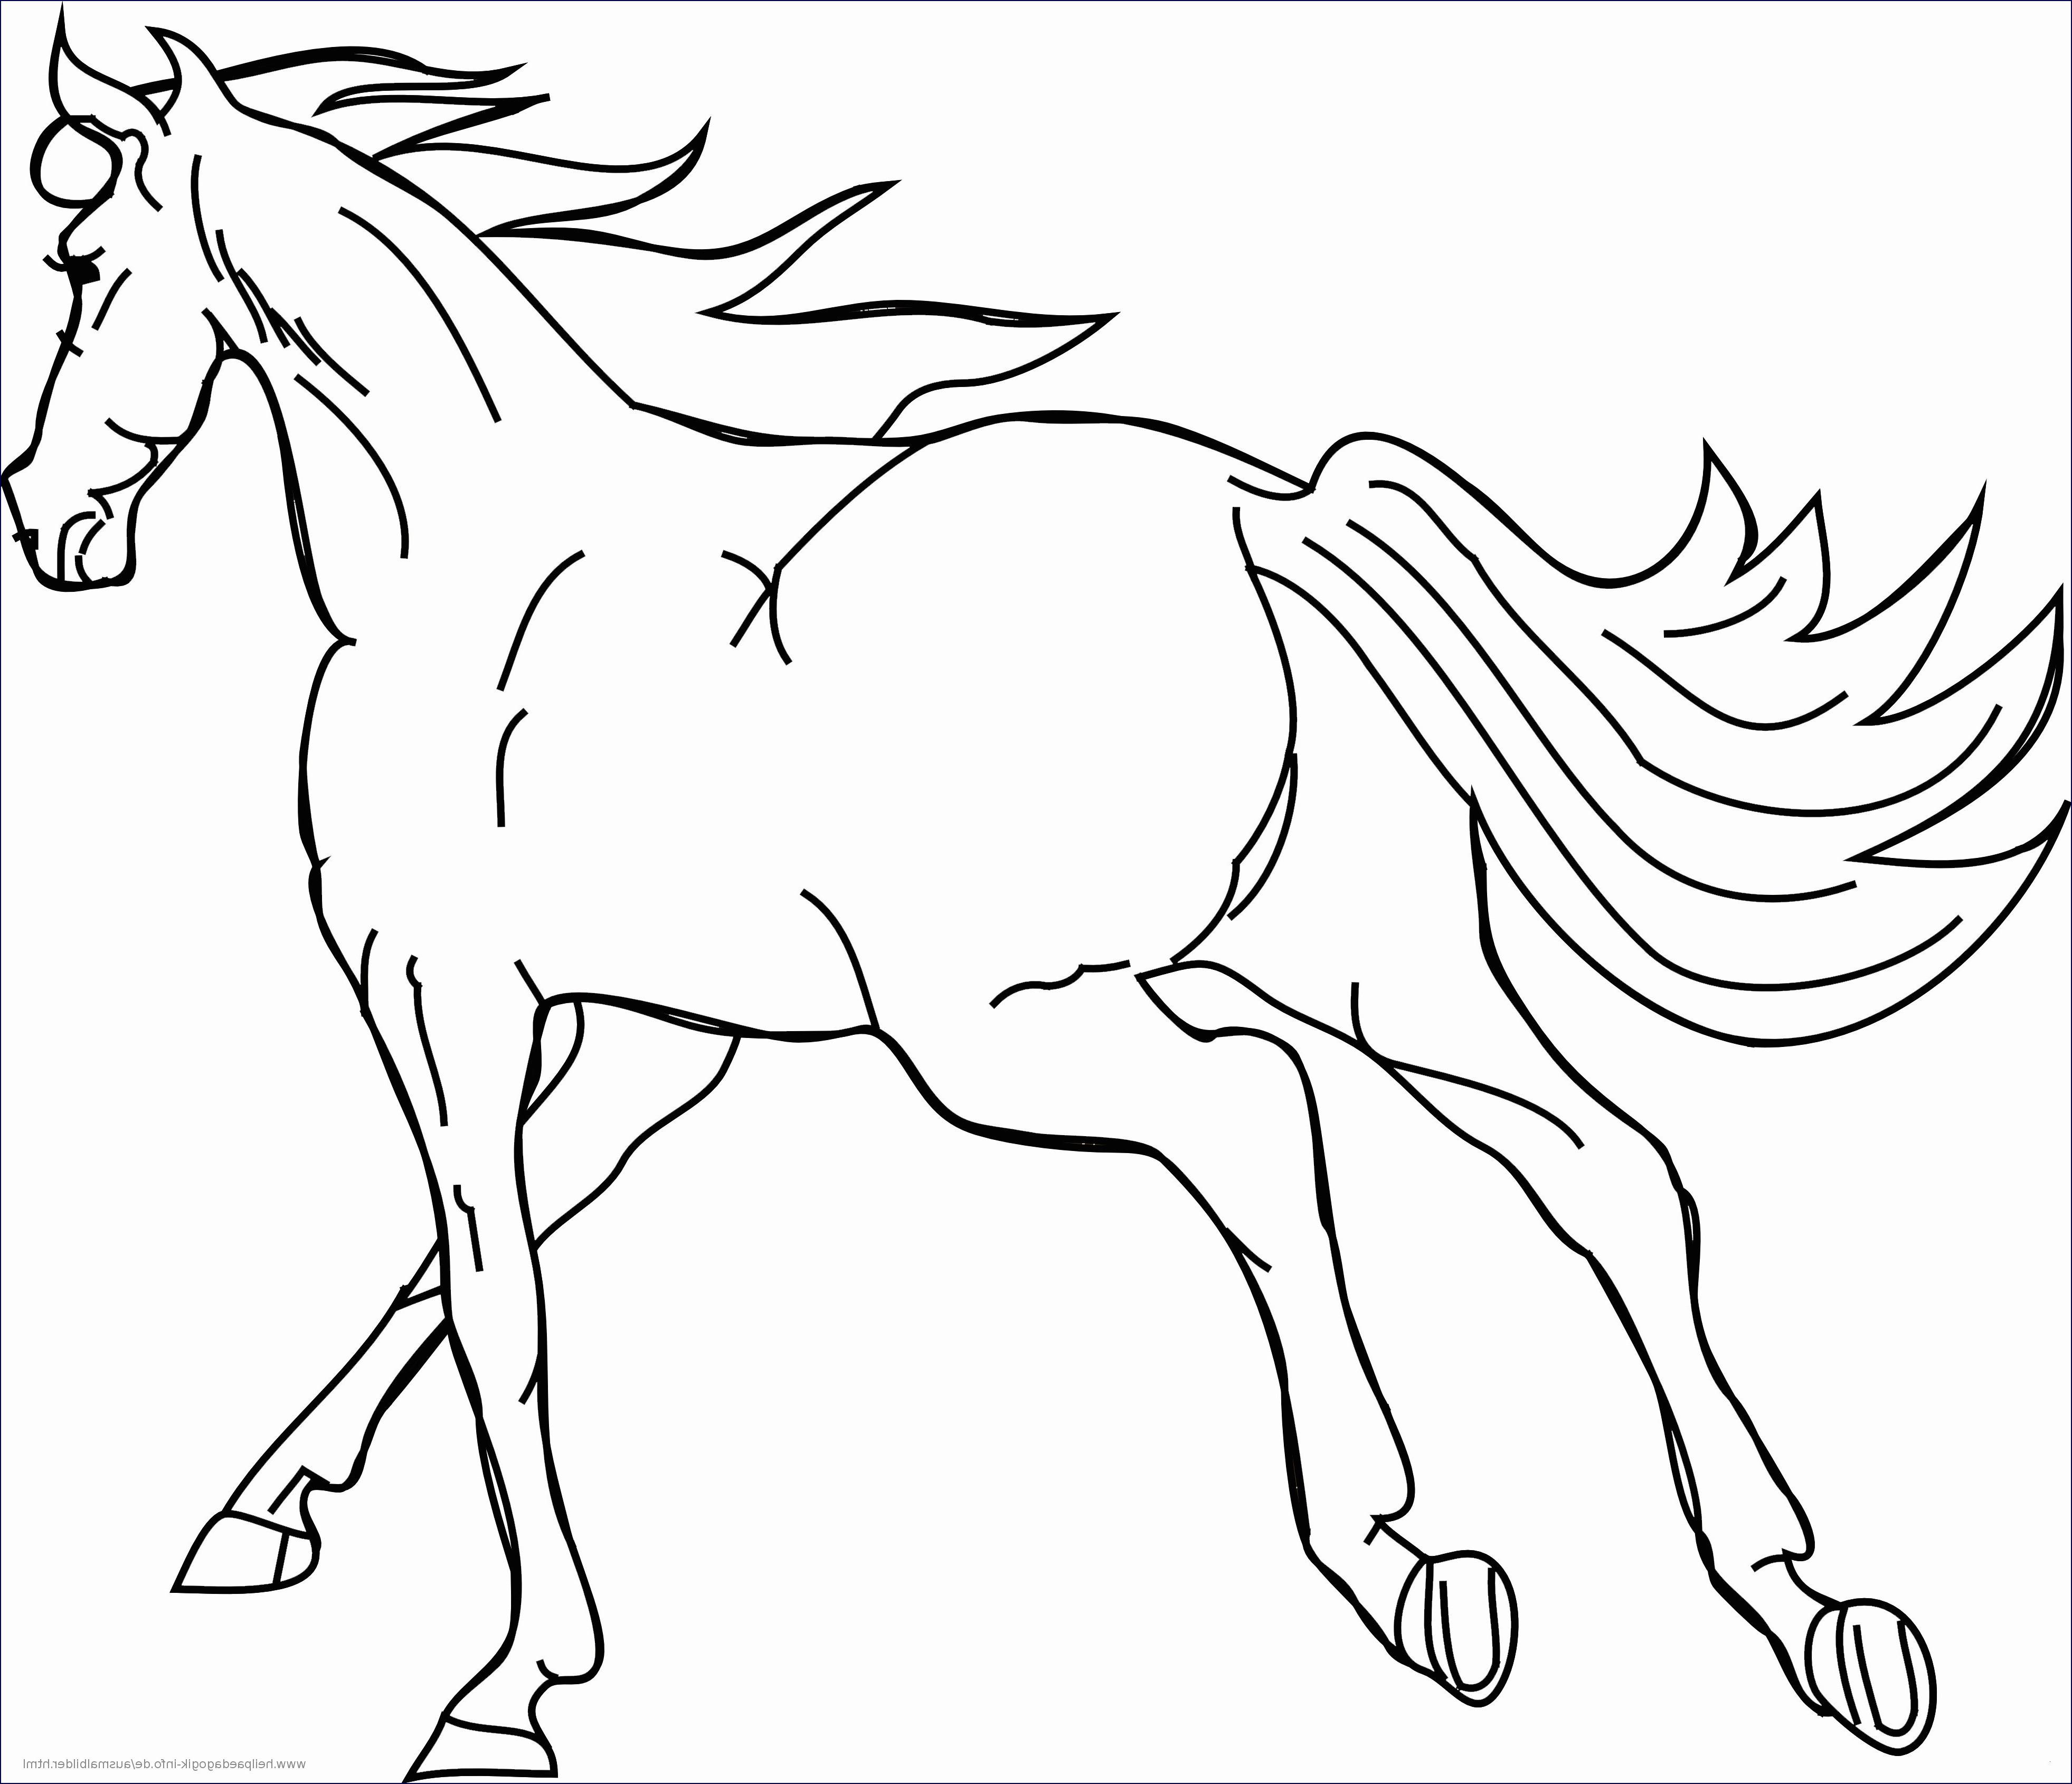 Ausmalbilder Filly Pferd Einzigartig 30 Fantastisch Conni Ausmalbilder – Malvorlagen Ideen Stock